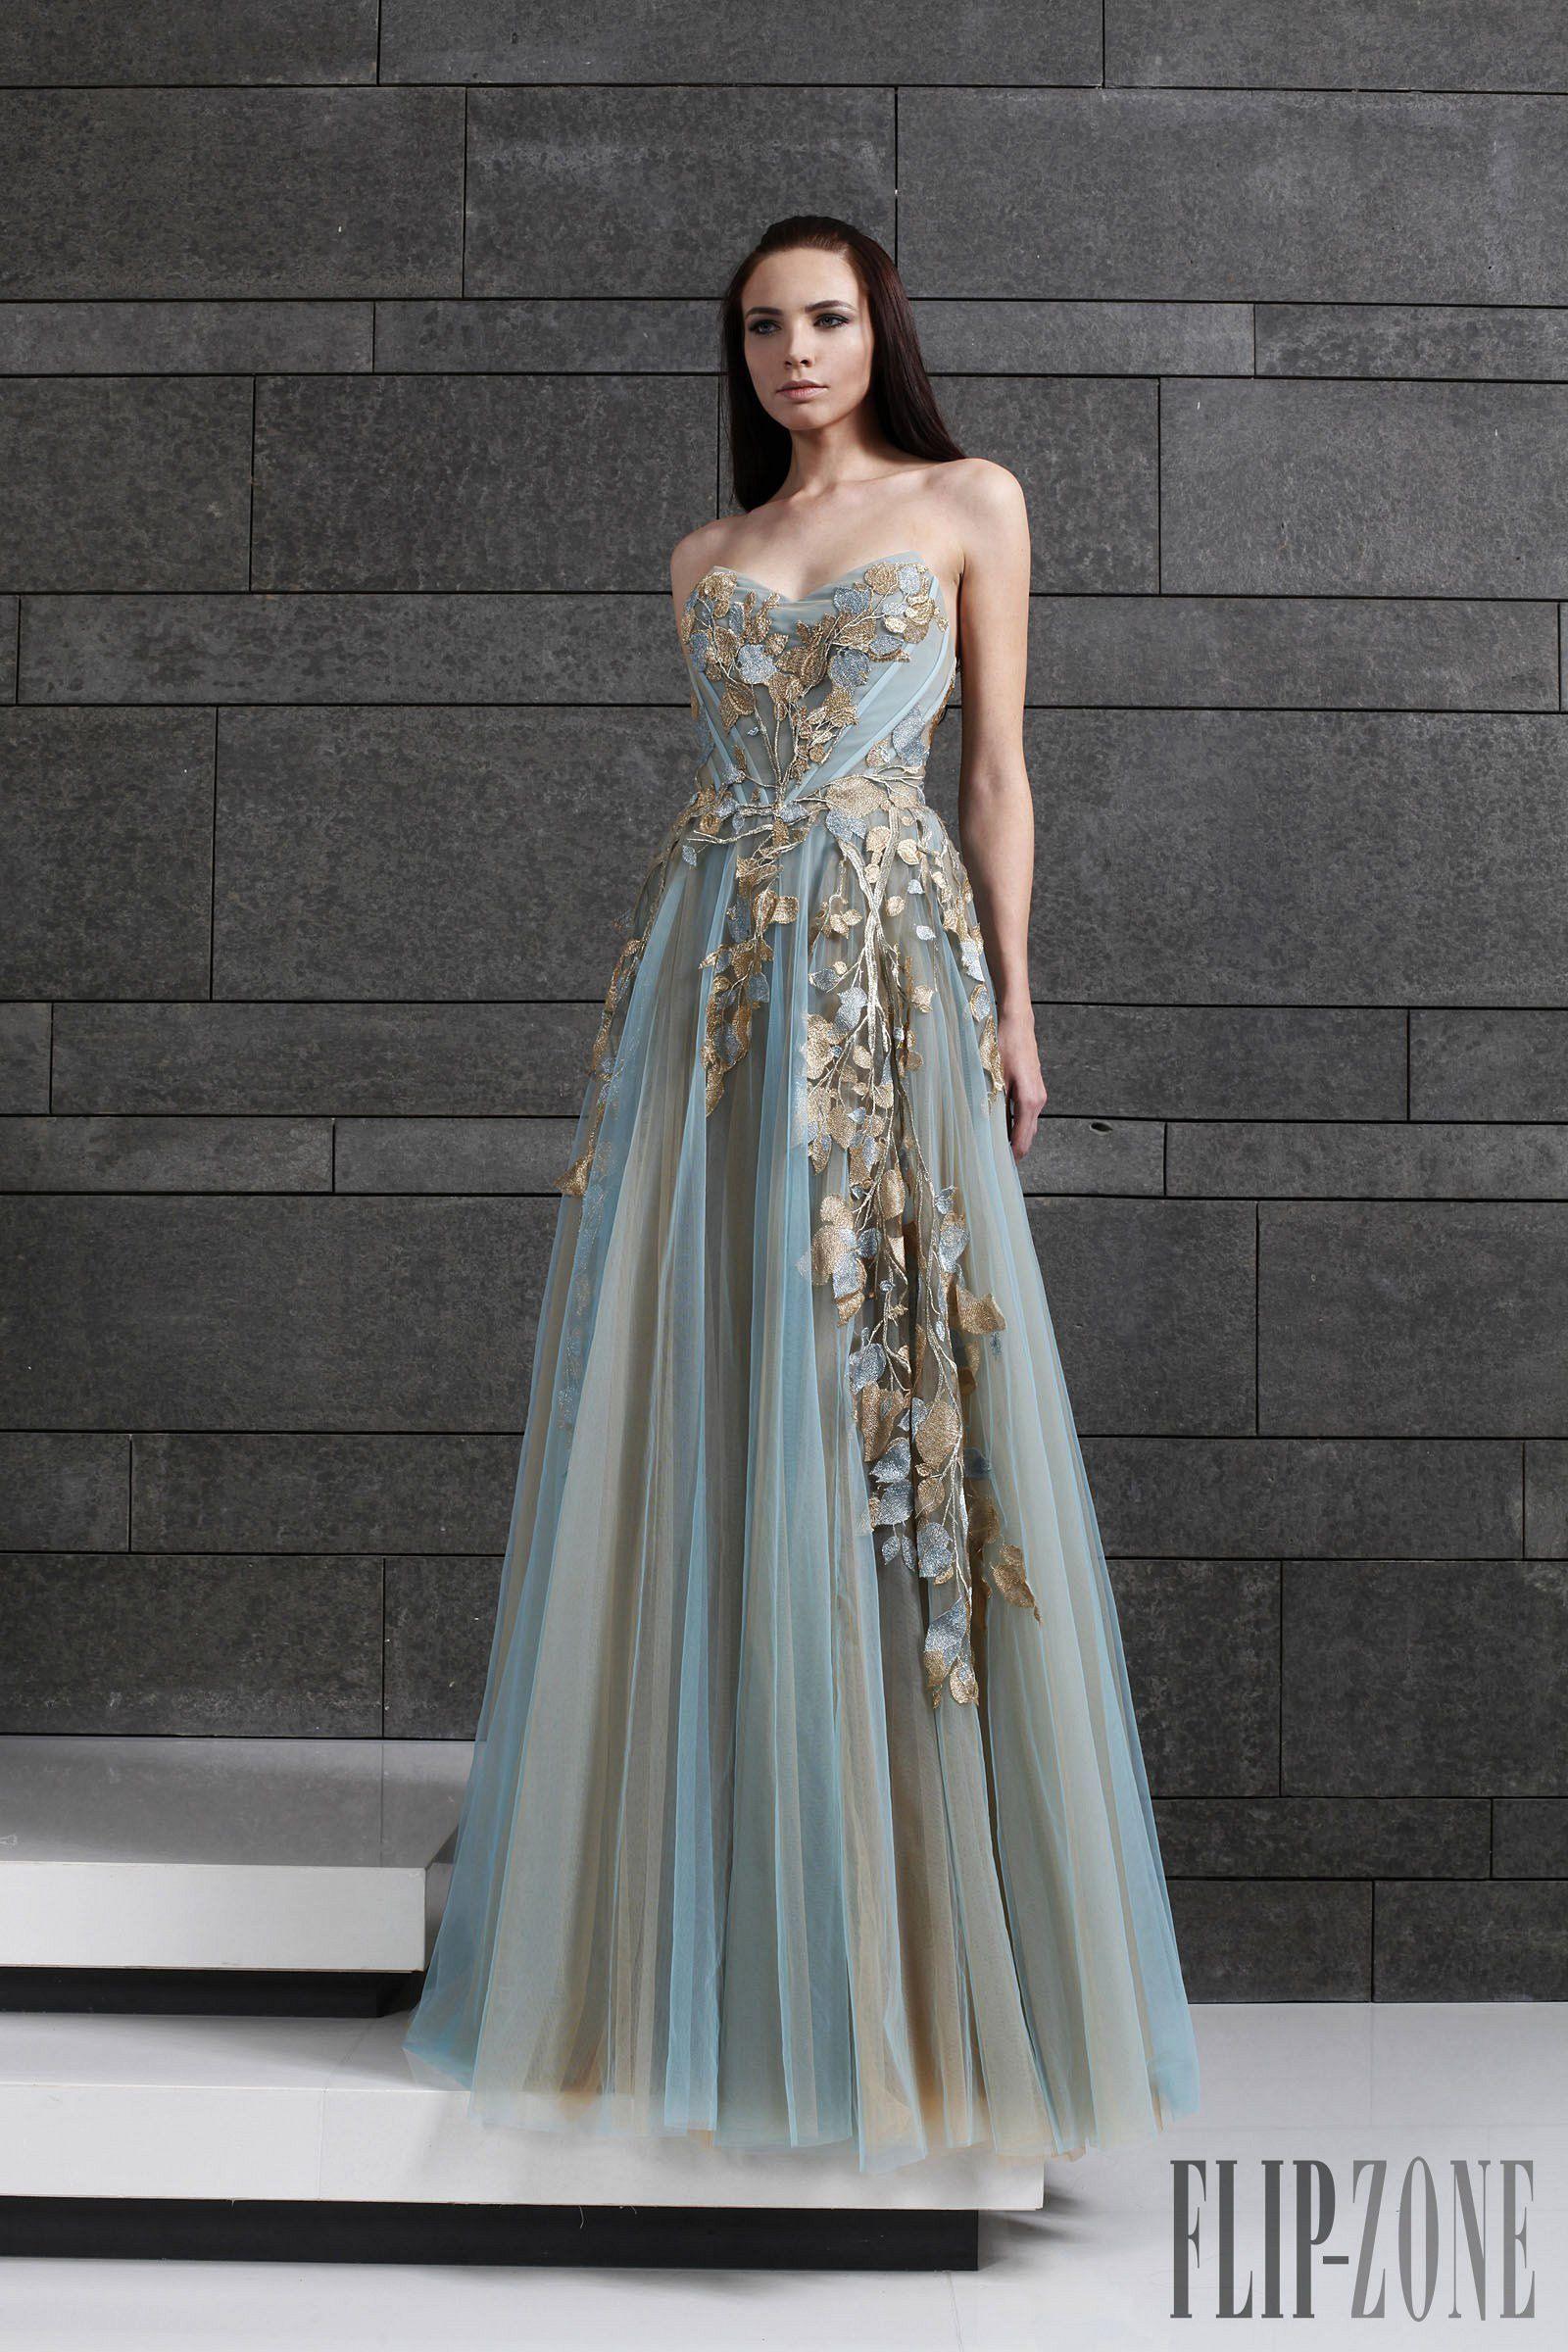 Pin Von Alina Stich Auf Hochzeit | Modestil